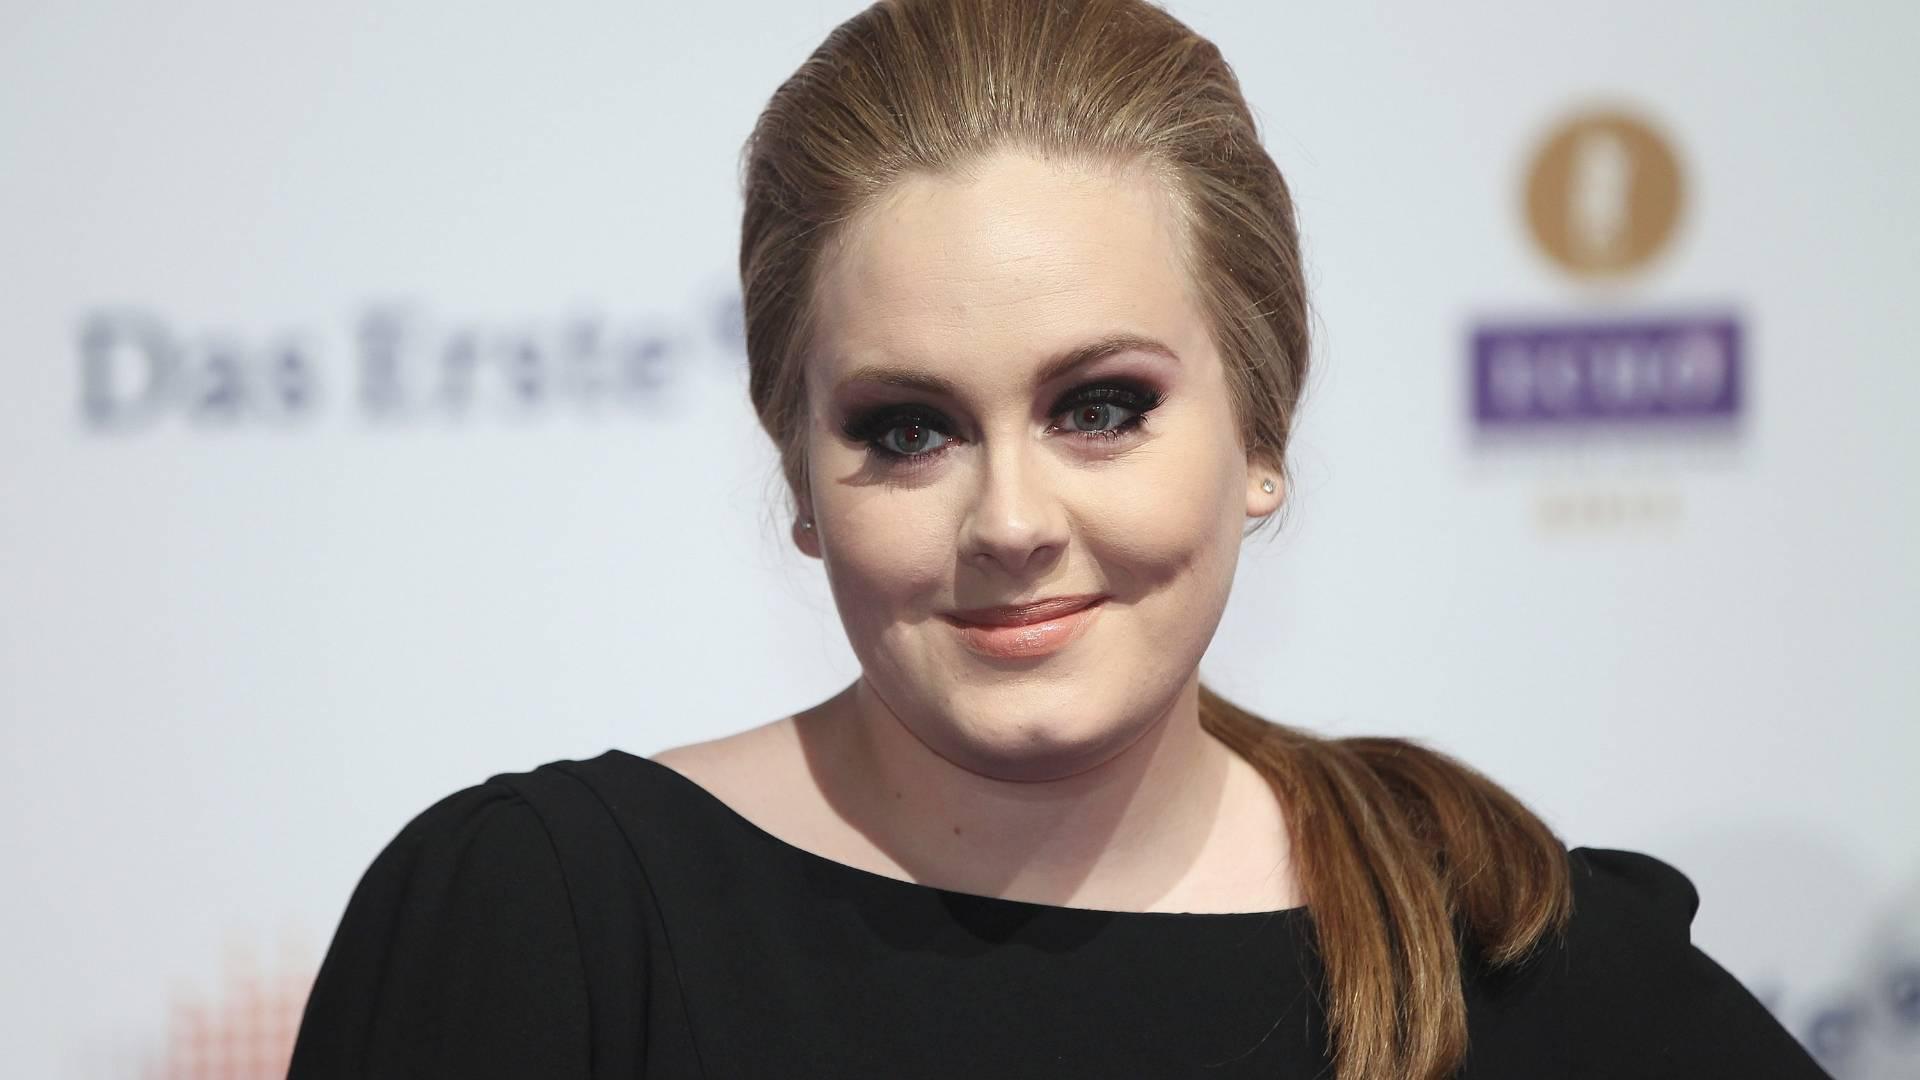 A cantora Adele no tapete vermelho do Echo Awards 2011 no Palais am Funkturm em Berlim (24/3/2011)